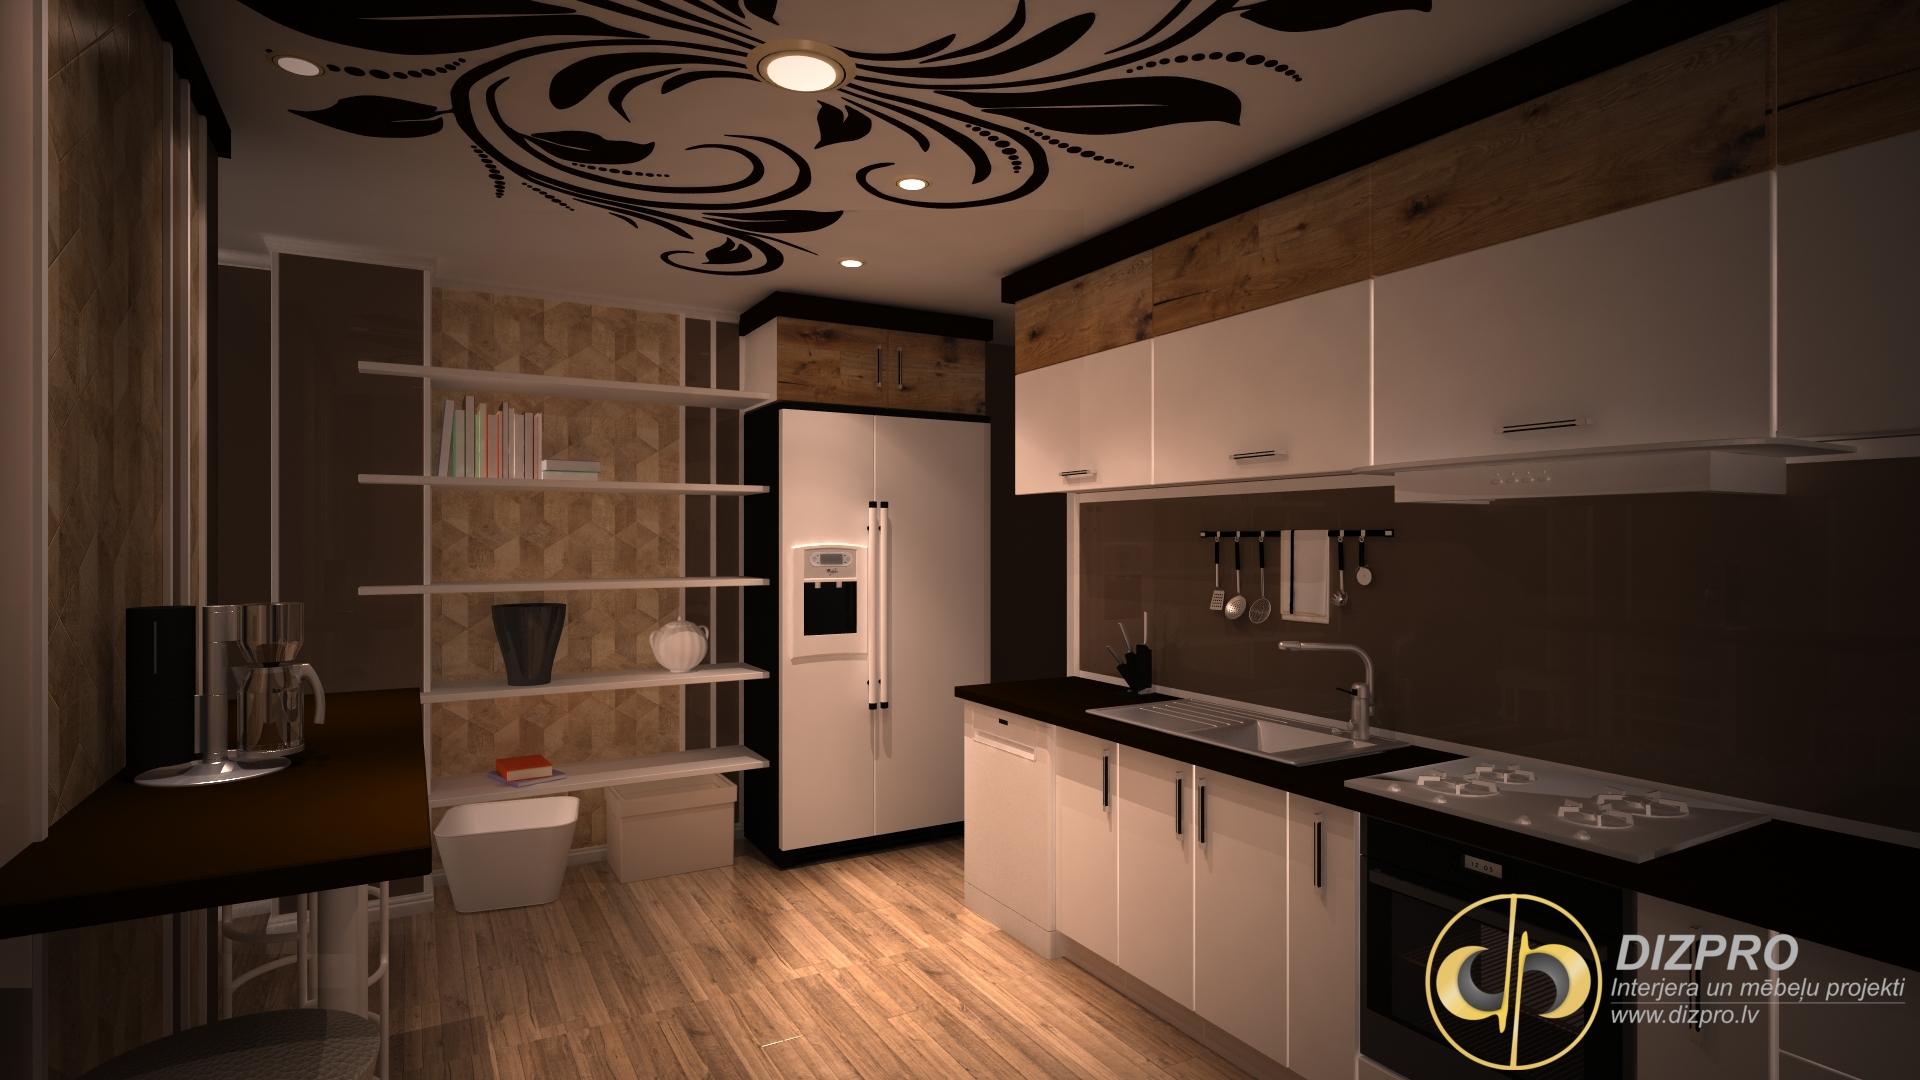 virtuves iekārta vidēja izmēra — virtuves dizains — interjera dizains — dizpro.lv